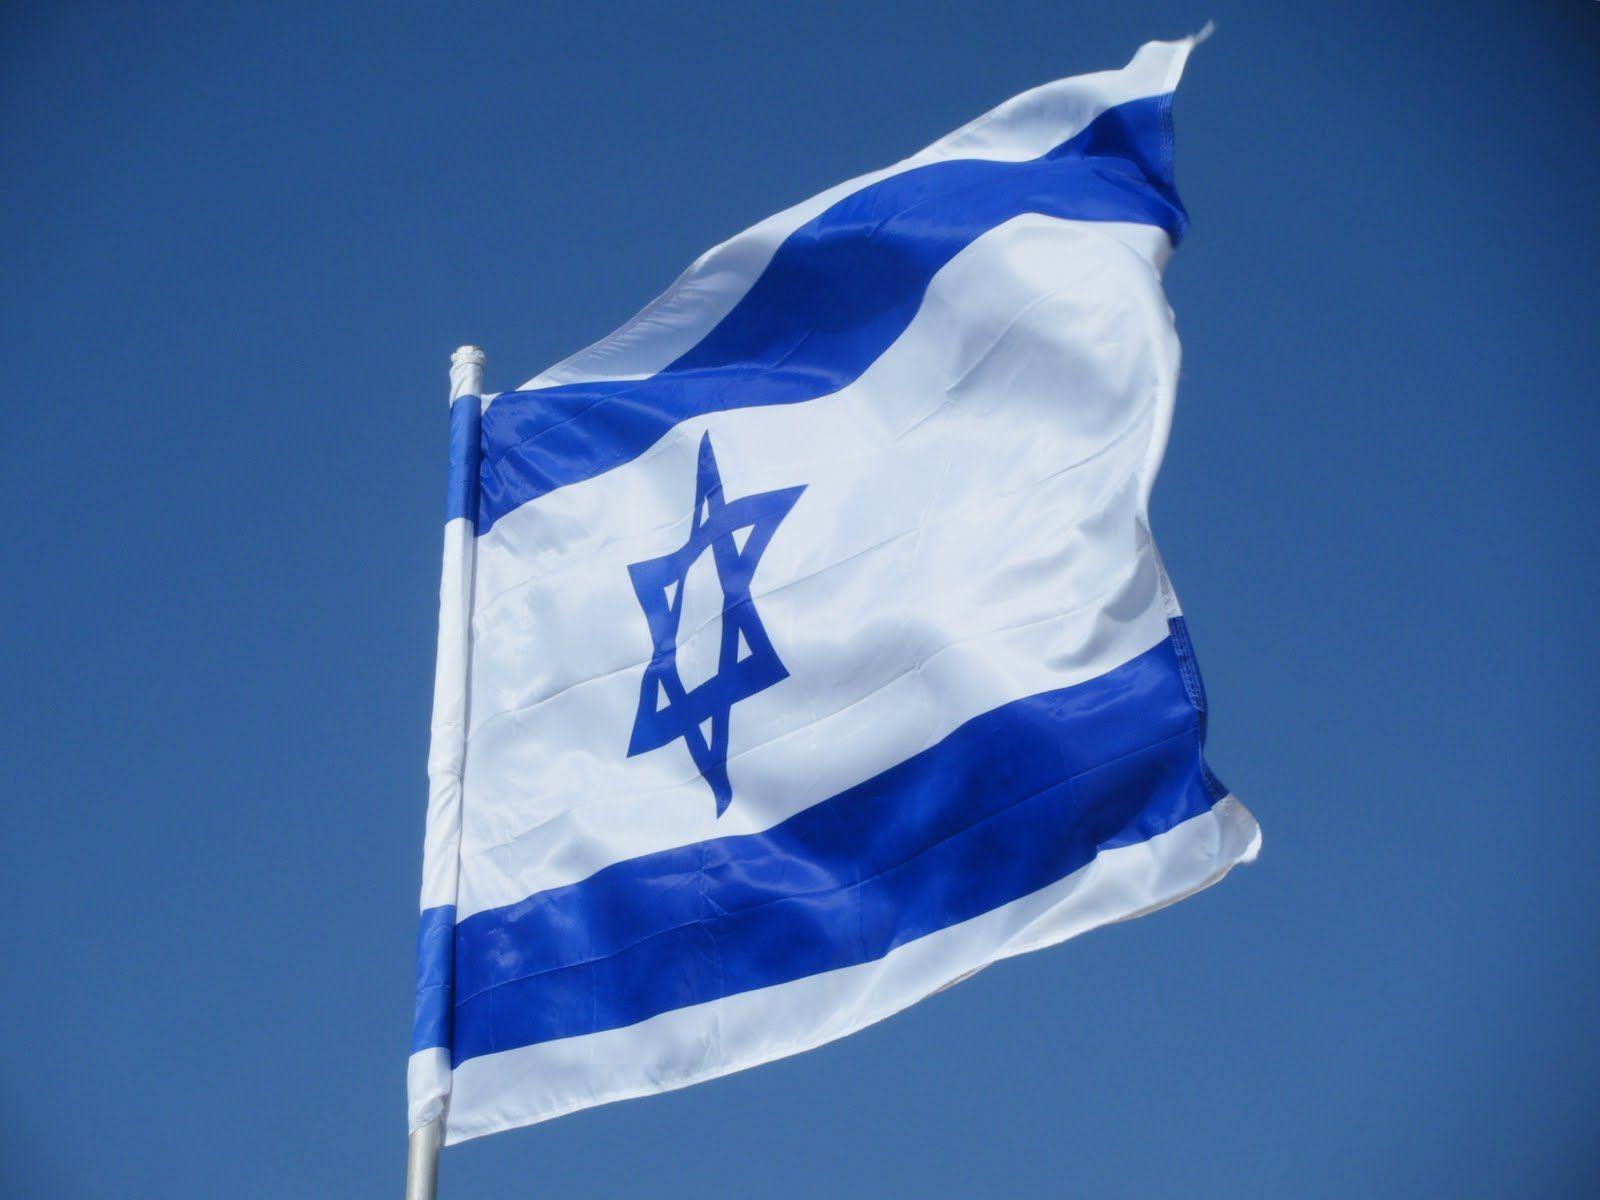 Wallpaper Flags Of Israel Israel Flag Israeli Flag Flag